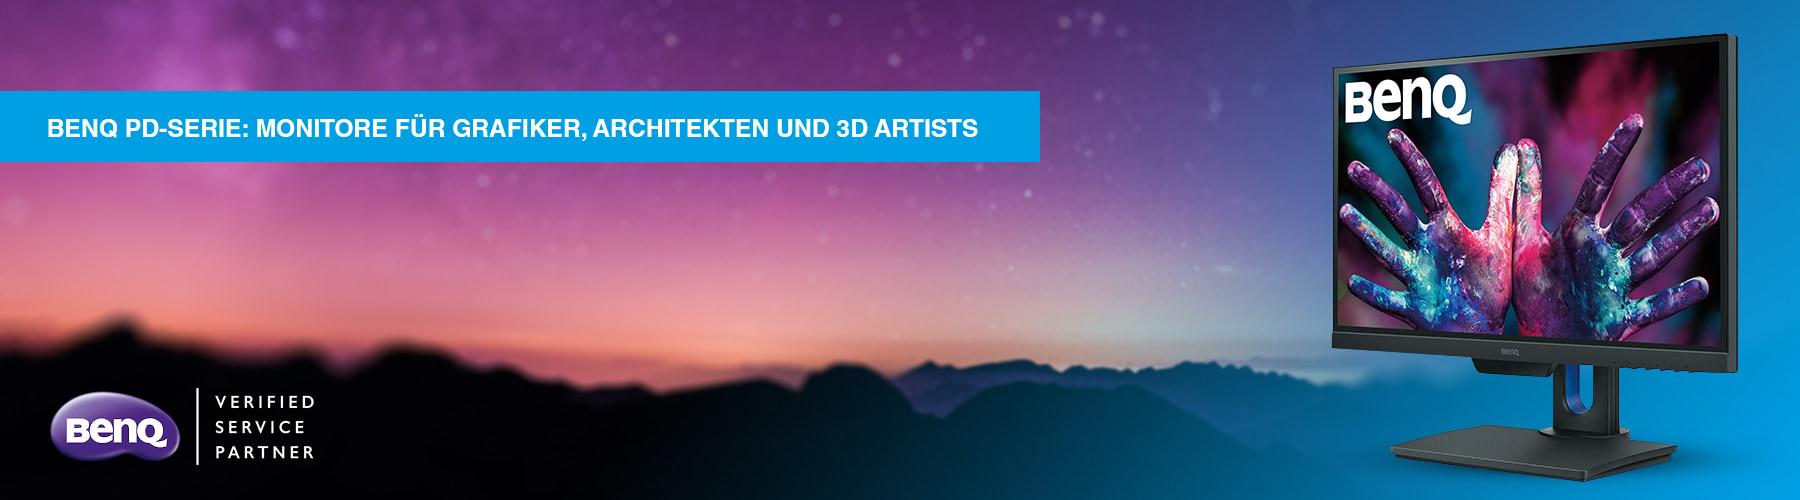 PD-Serie – Monitore für Grafiker, Architekten und 3D-Artists />